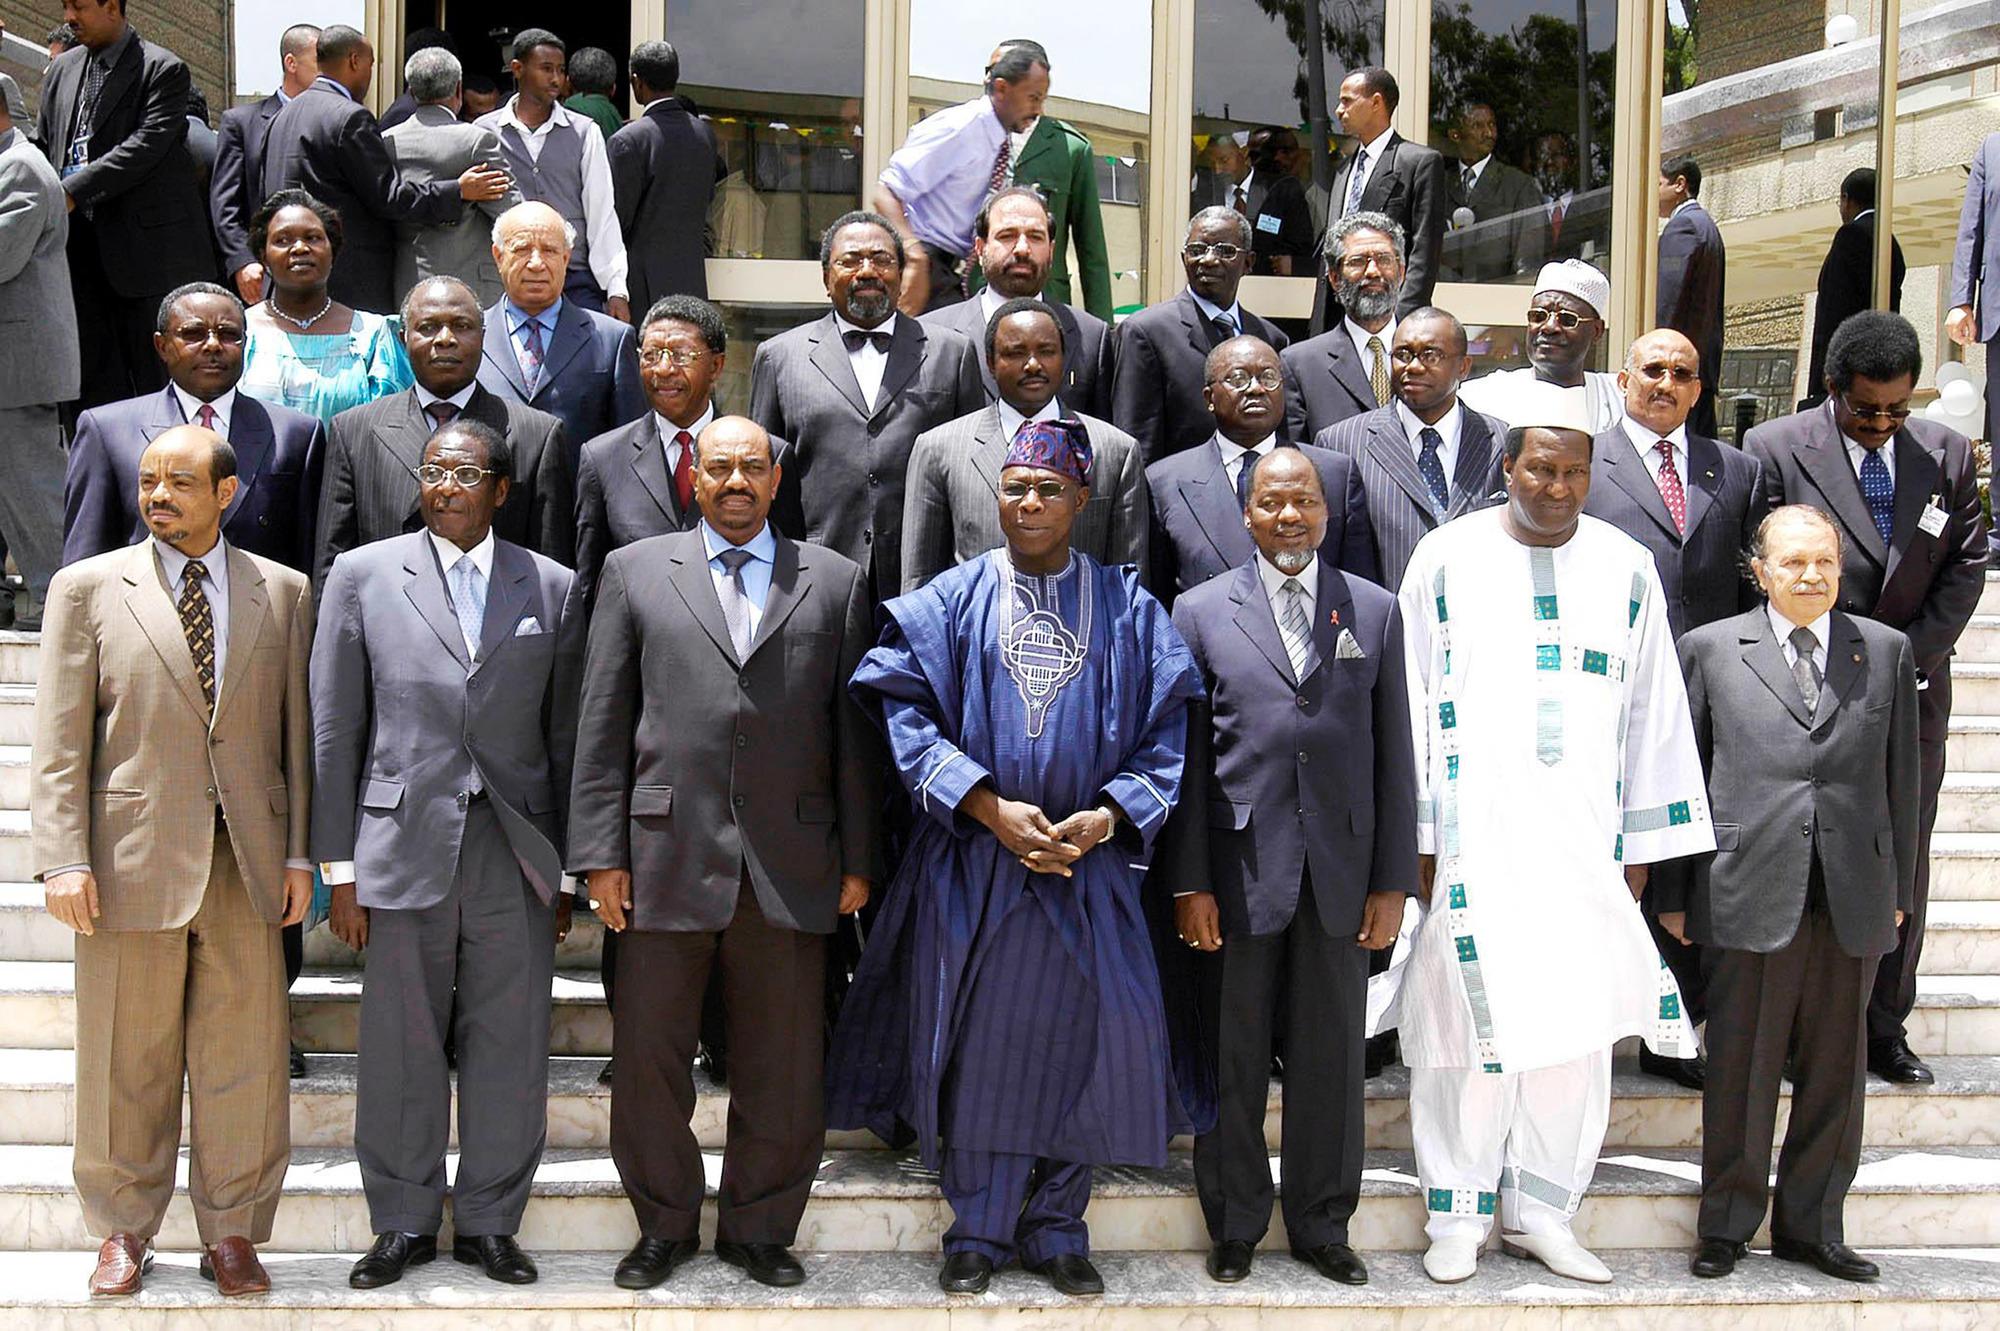 Olusegun Obasanjo entouré de (de dr. à g.): Abdelaziz Bouteflika, Alpha Oumar Konaré, Joaquim Chissano, Omar el-Béchir, Robert Mugabe, Meles Zenawi, au siège de l'UA, à Addis-Abeba, le 25mai 2004.